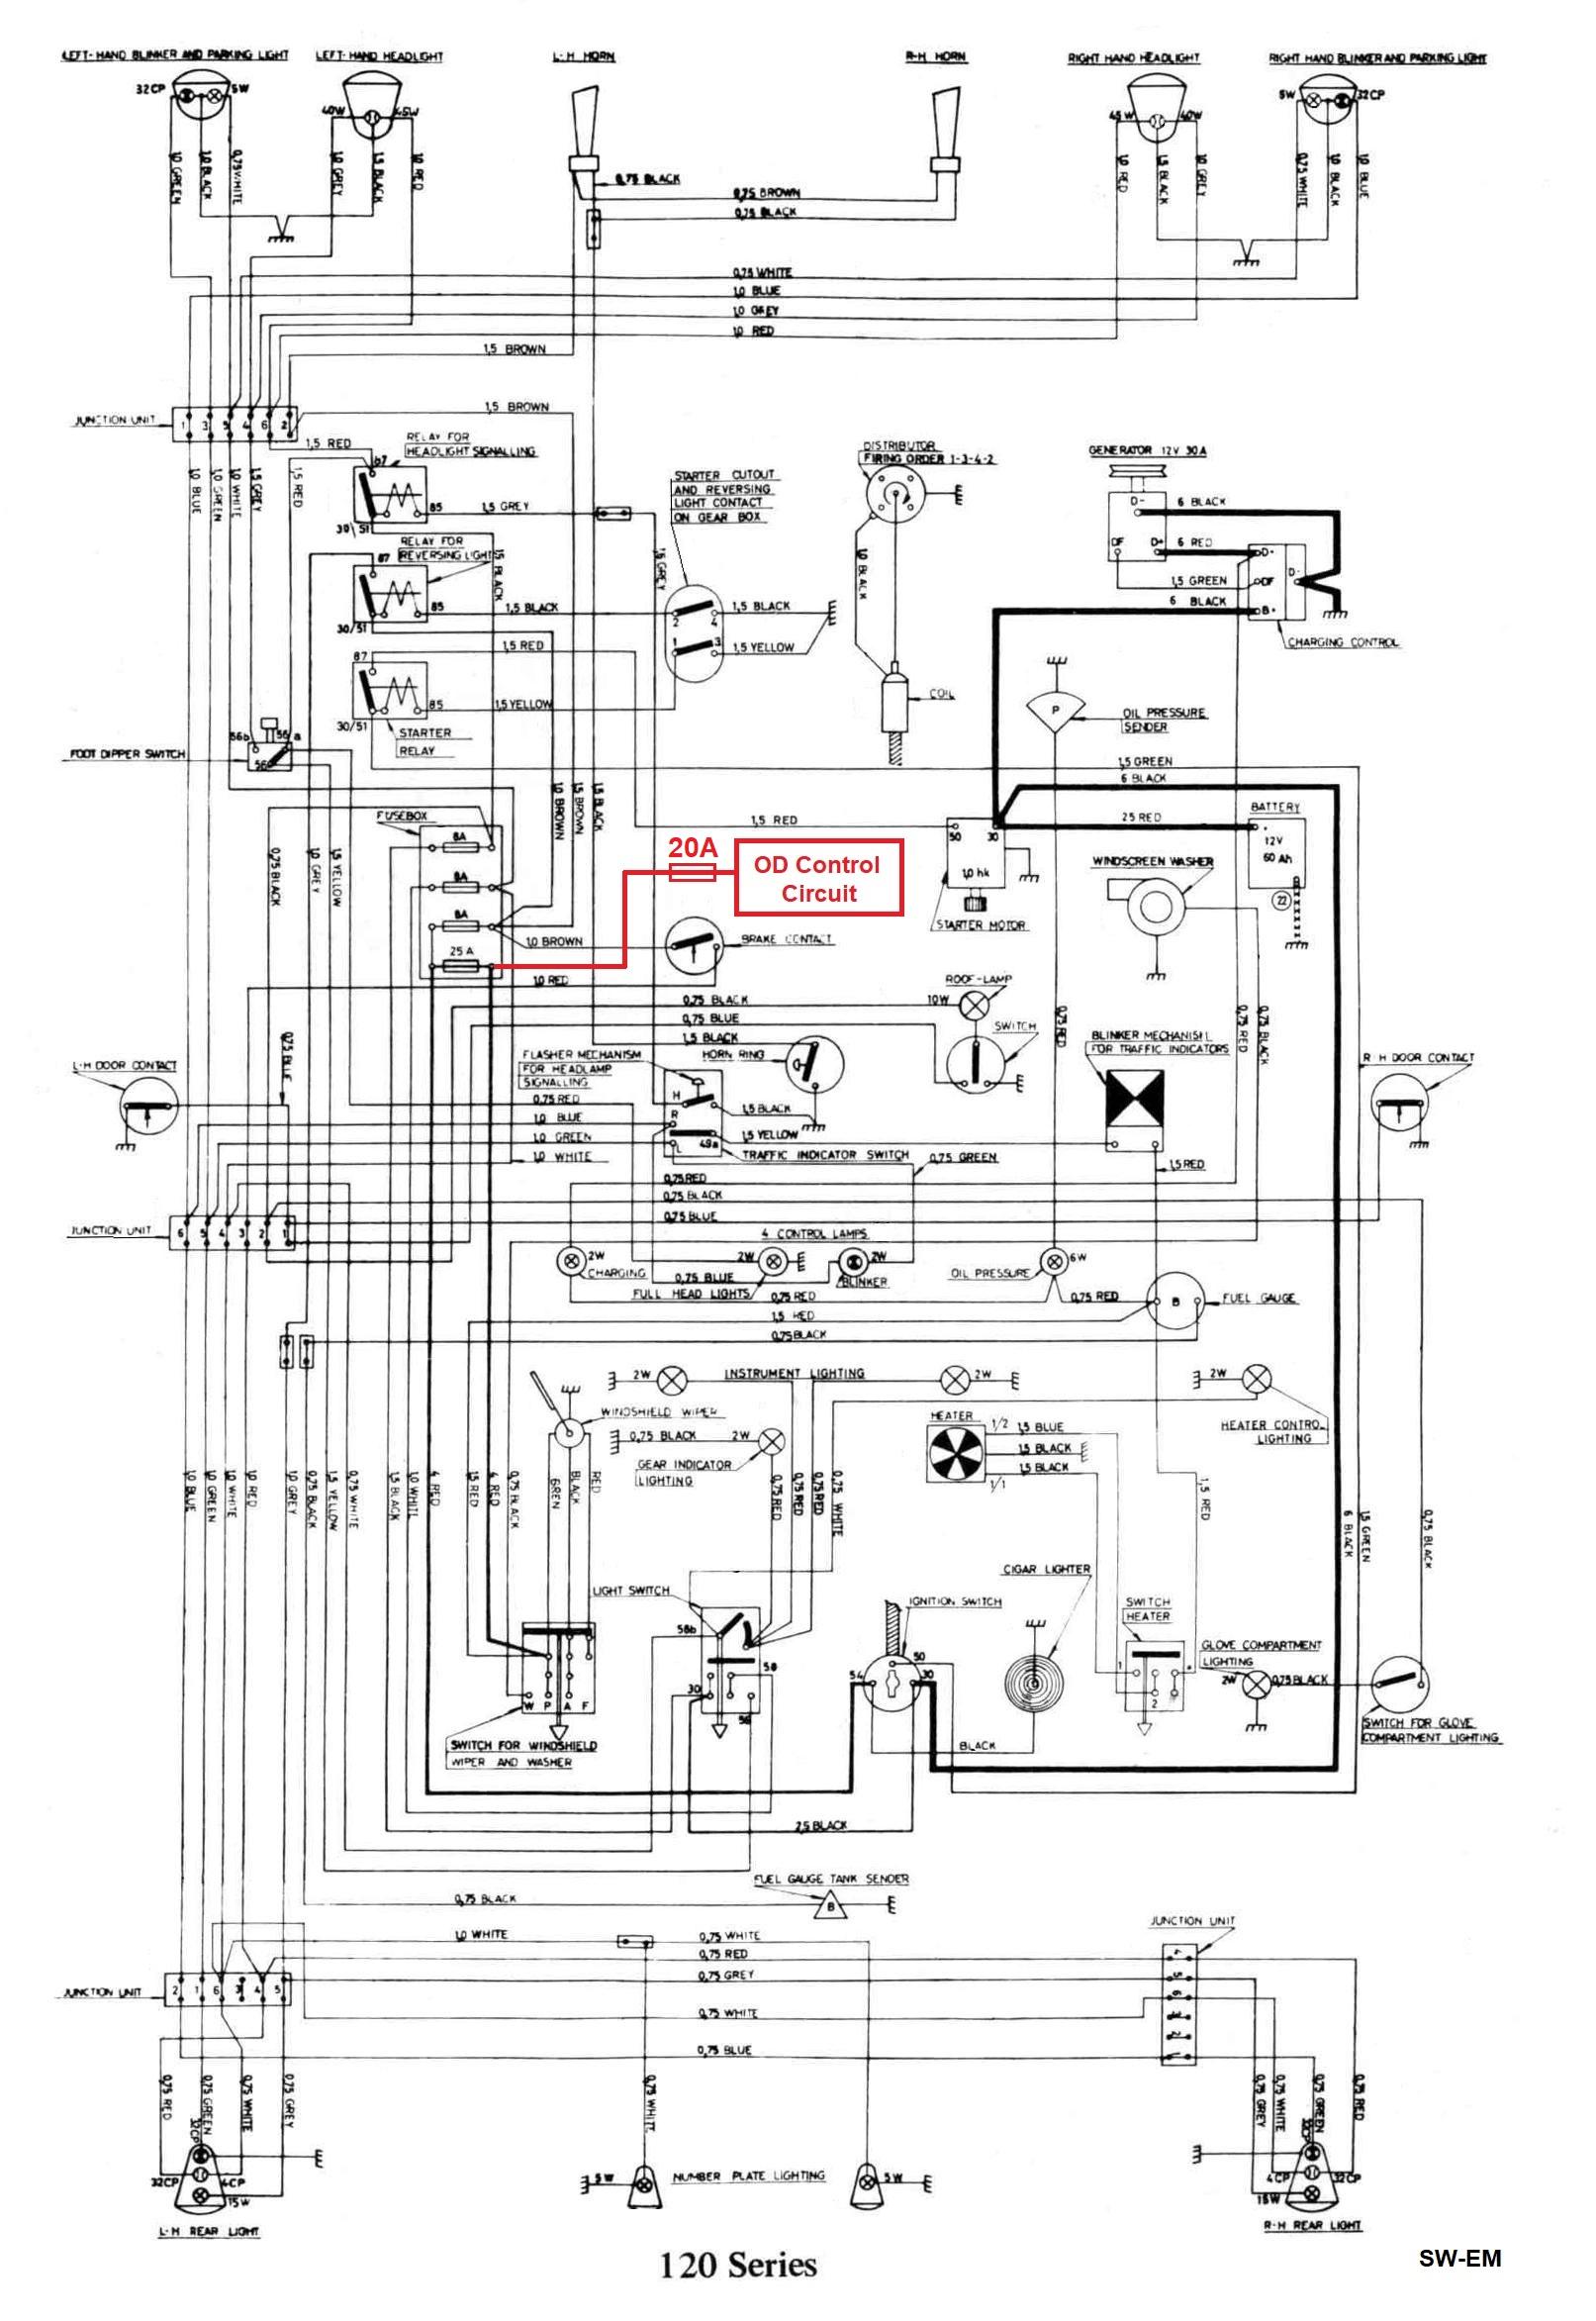 [DIAGRAM_4PO]  OS_2213] Volvo S60 Trailer Wiring Harness Download Diagram | Volvo Towbar Wiring Diagram |  | Cosa Favo Inrebe Mohammedshrine Librar Wiring 101